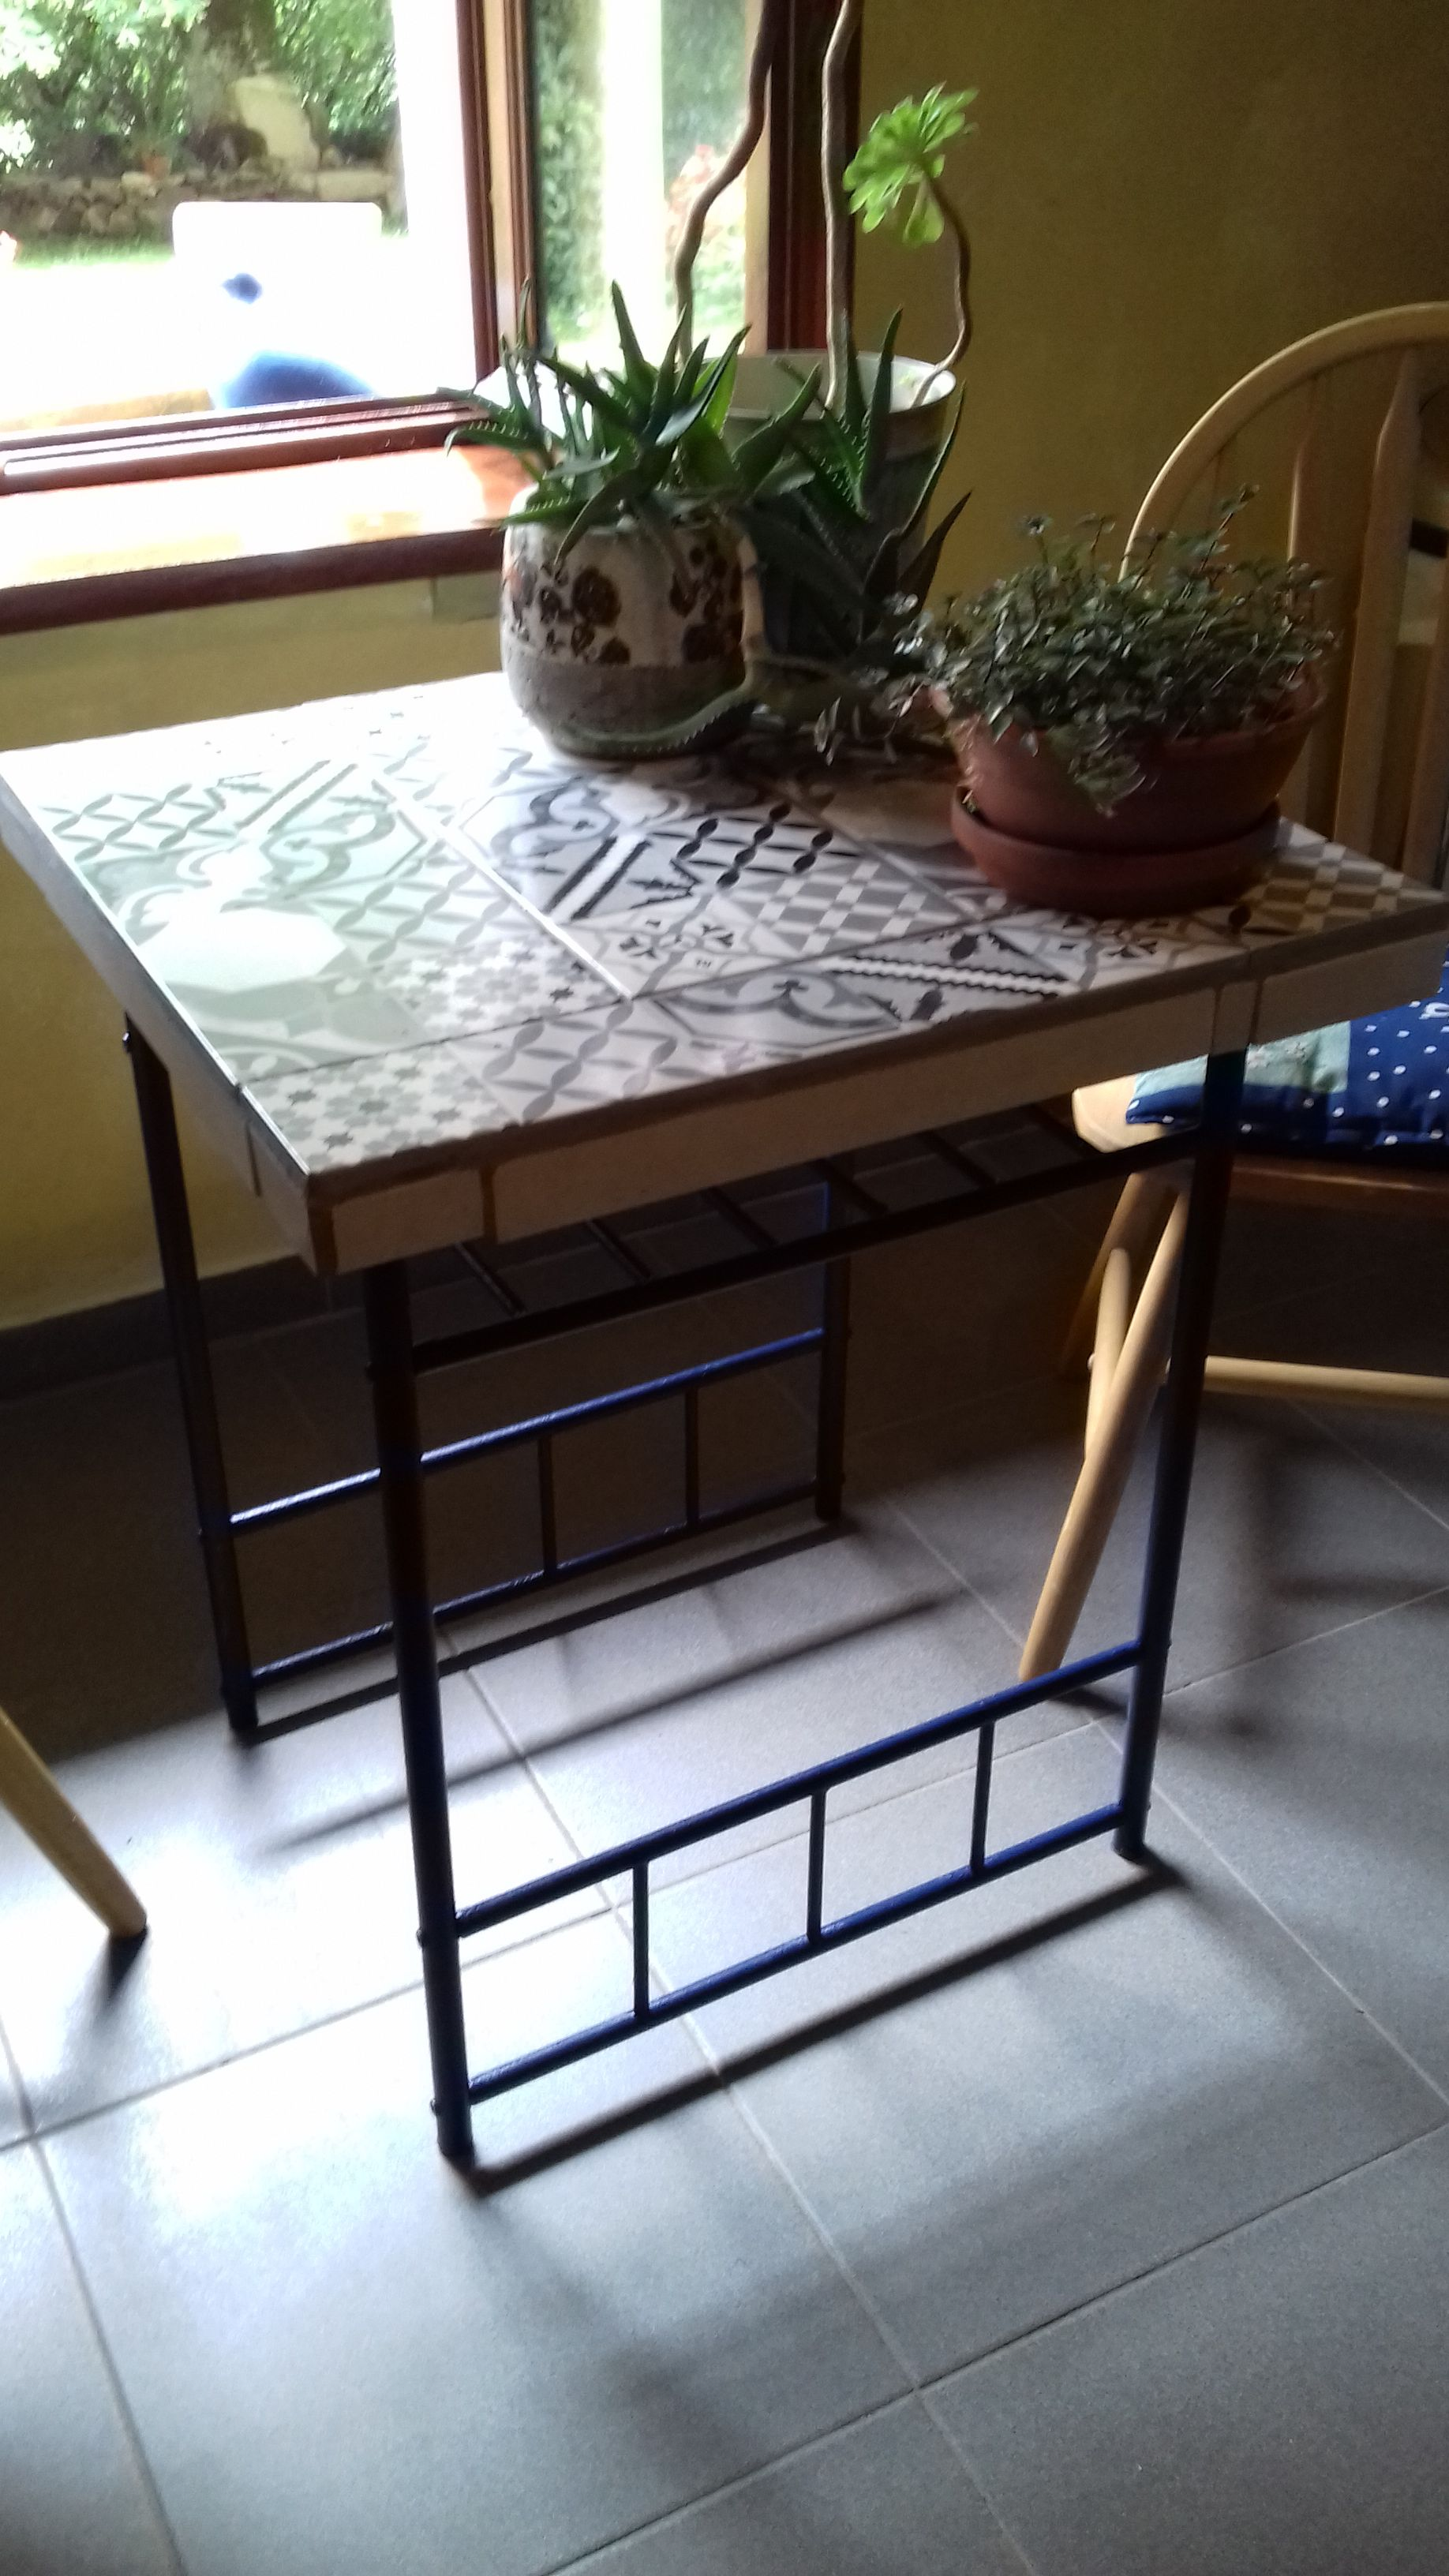 Nett Bunte Küchenstühle Pinterest Fotos - Küche Set Ideen ...